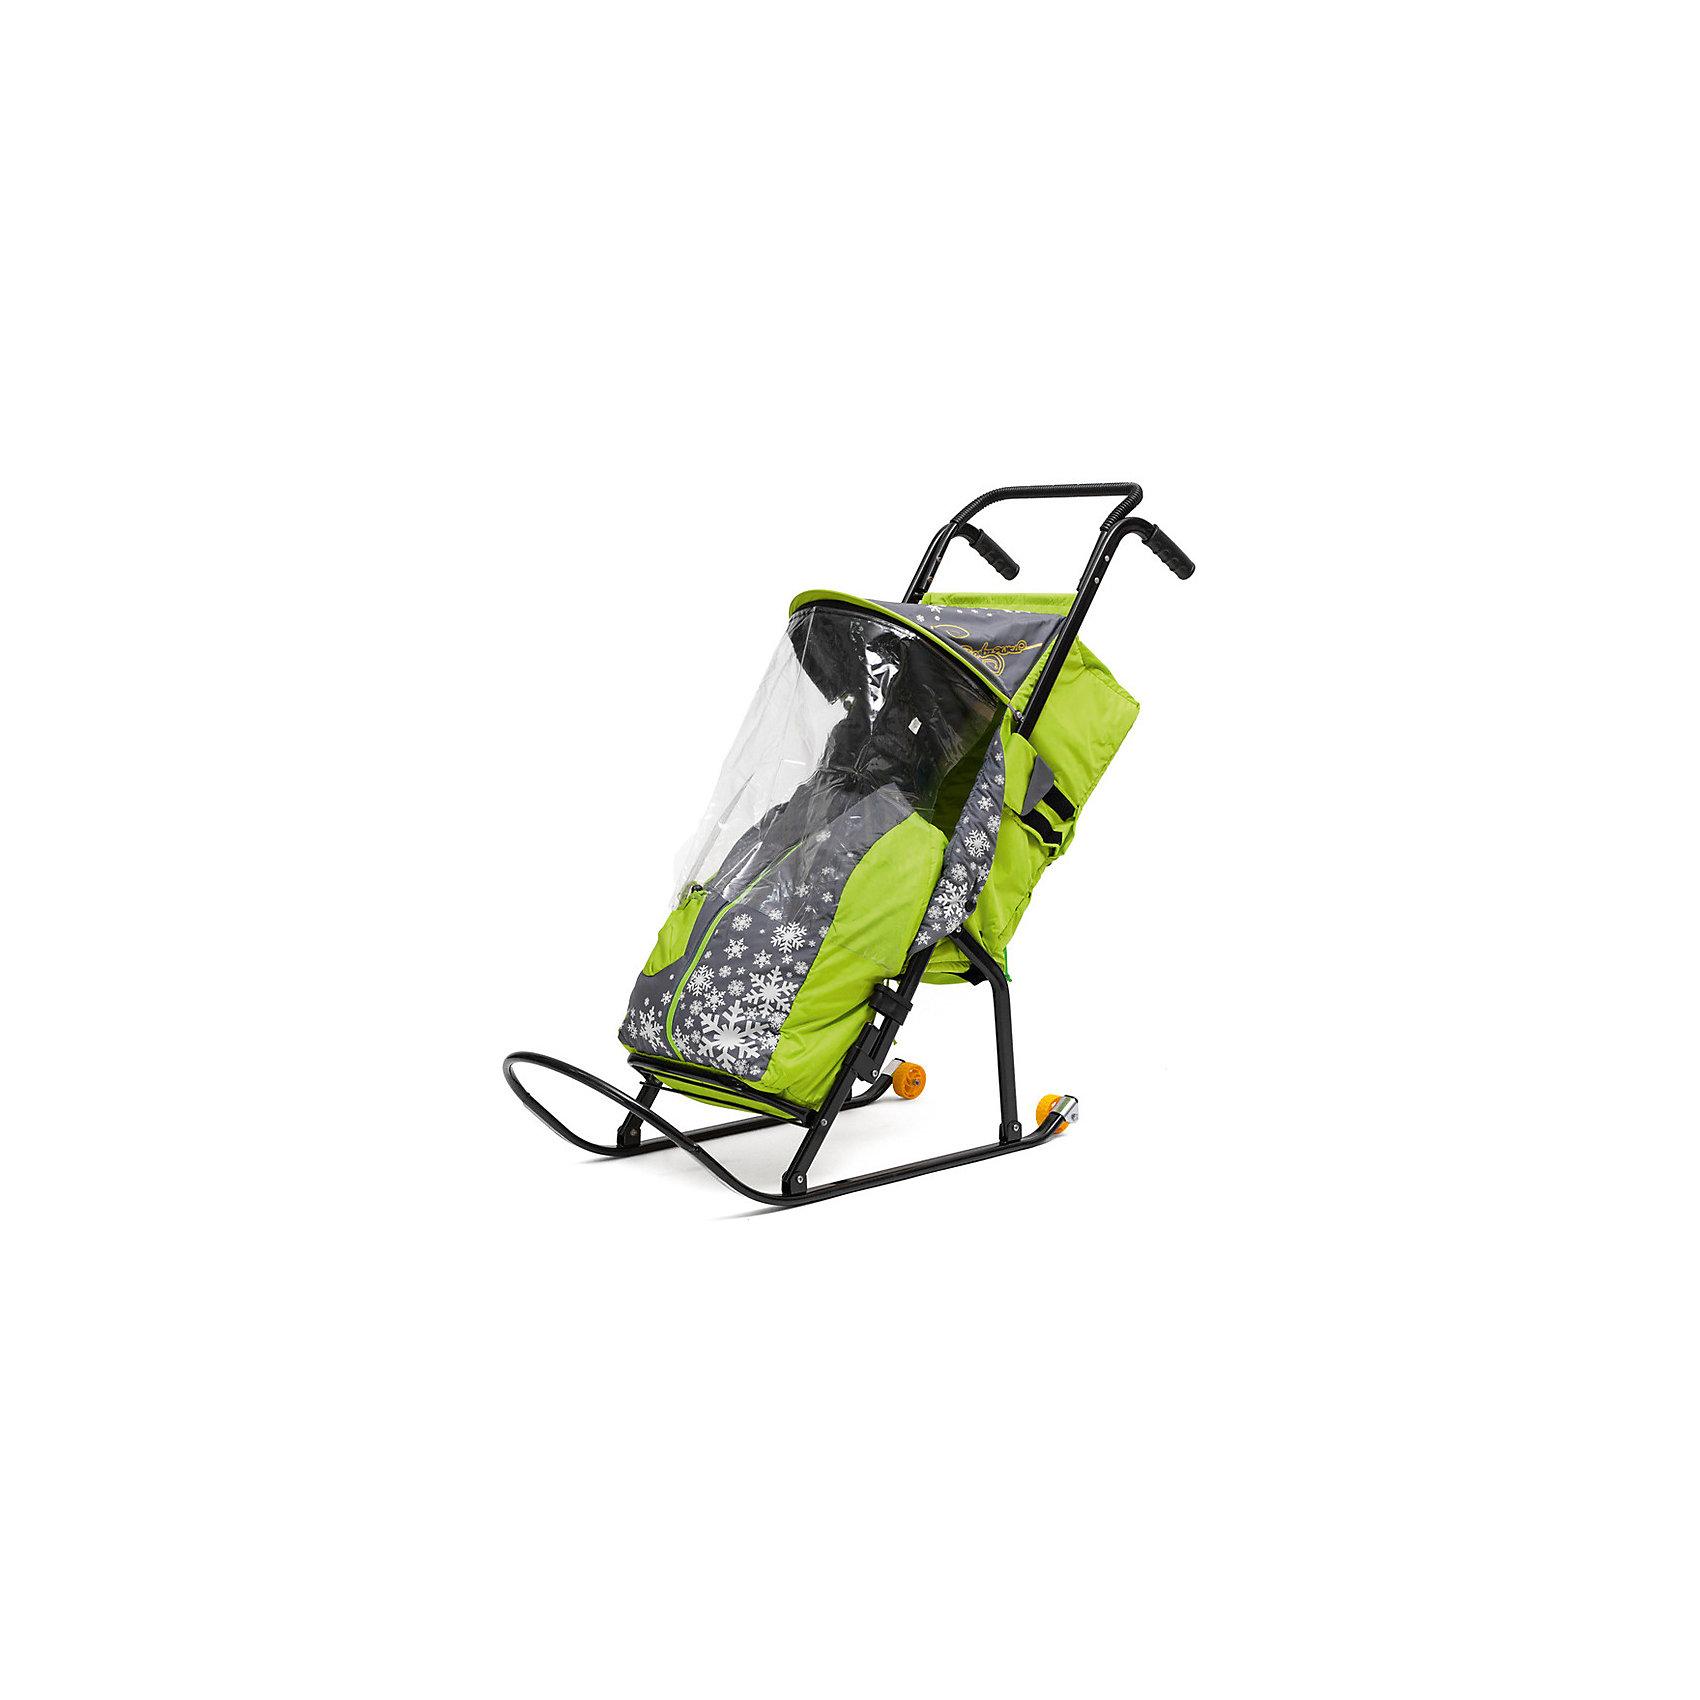 Санки-коляска Снегурочка 2P-1, с колесами, ABC Academy, серый/зеленый